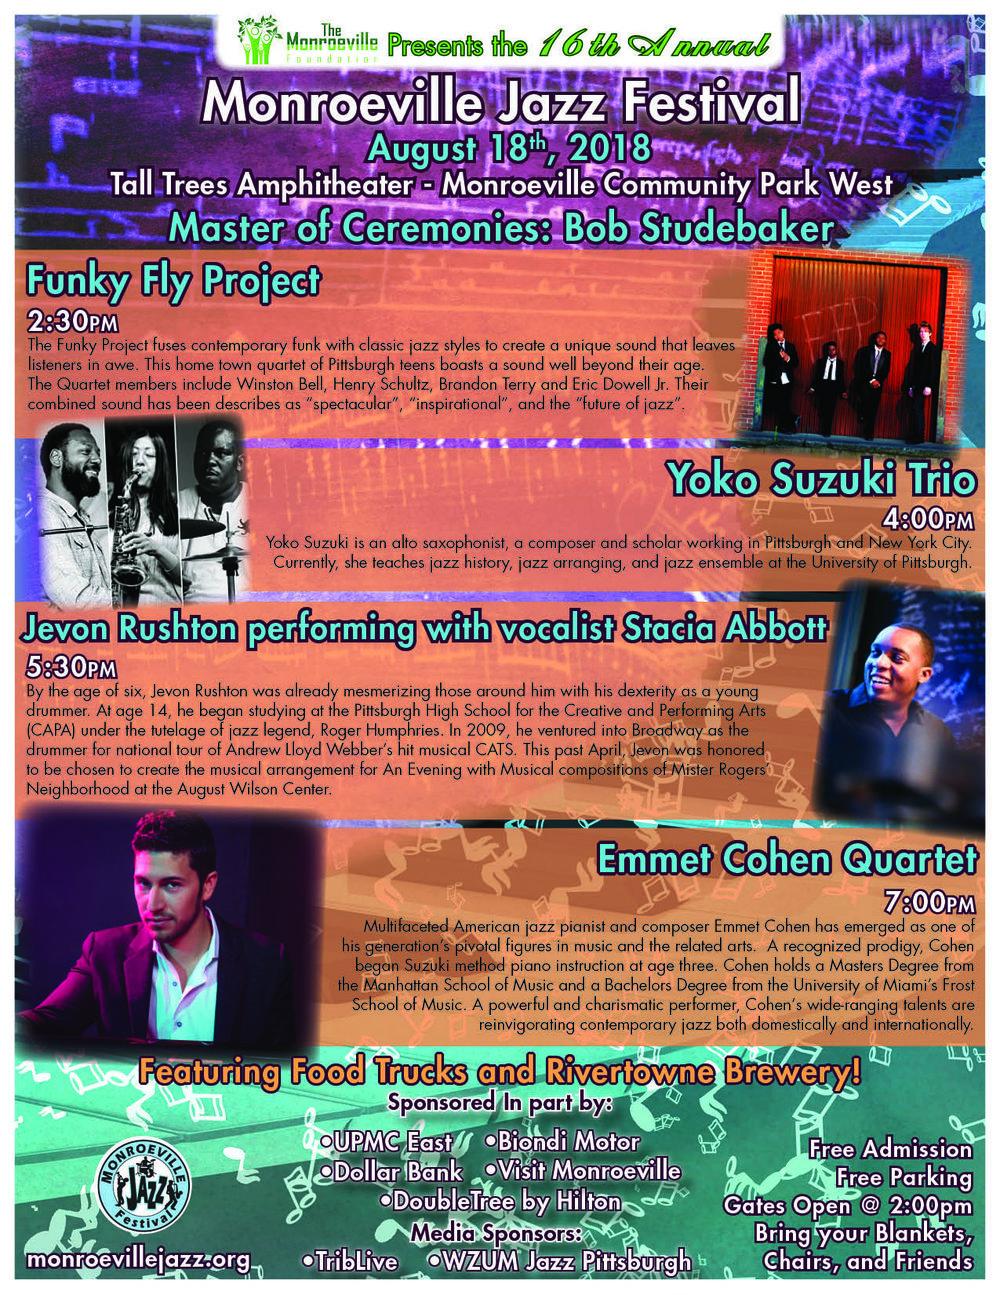 Monroeville Jazz Festival Flyer.jpg